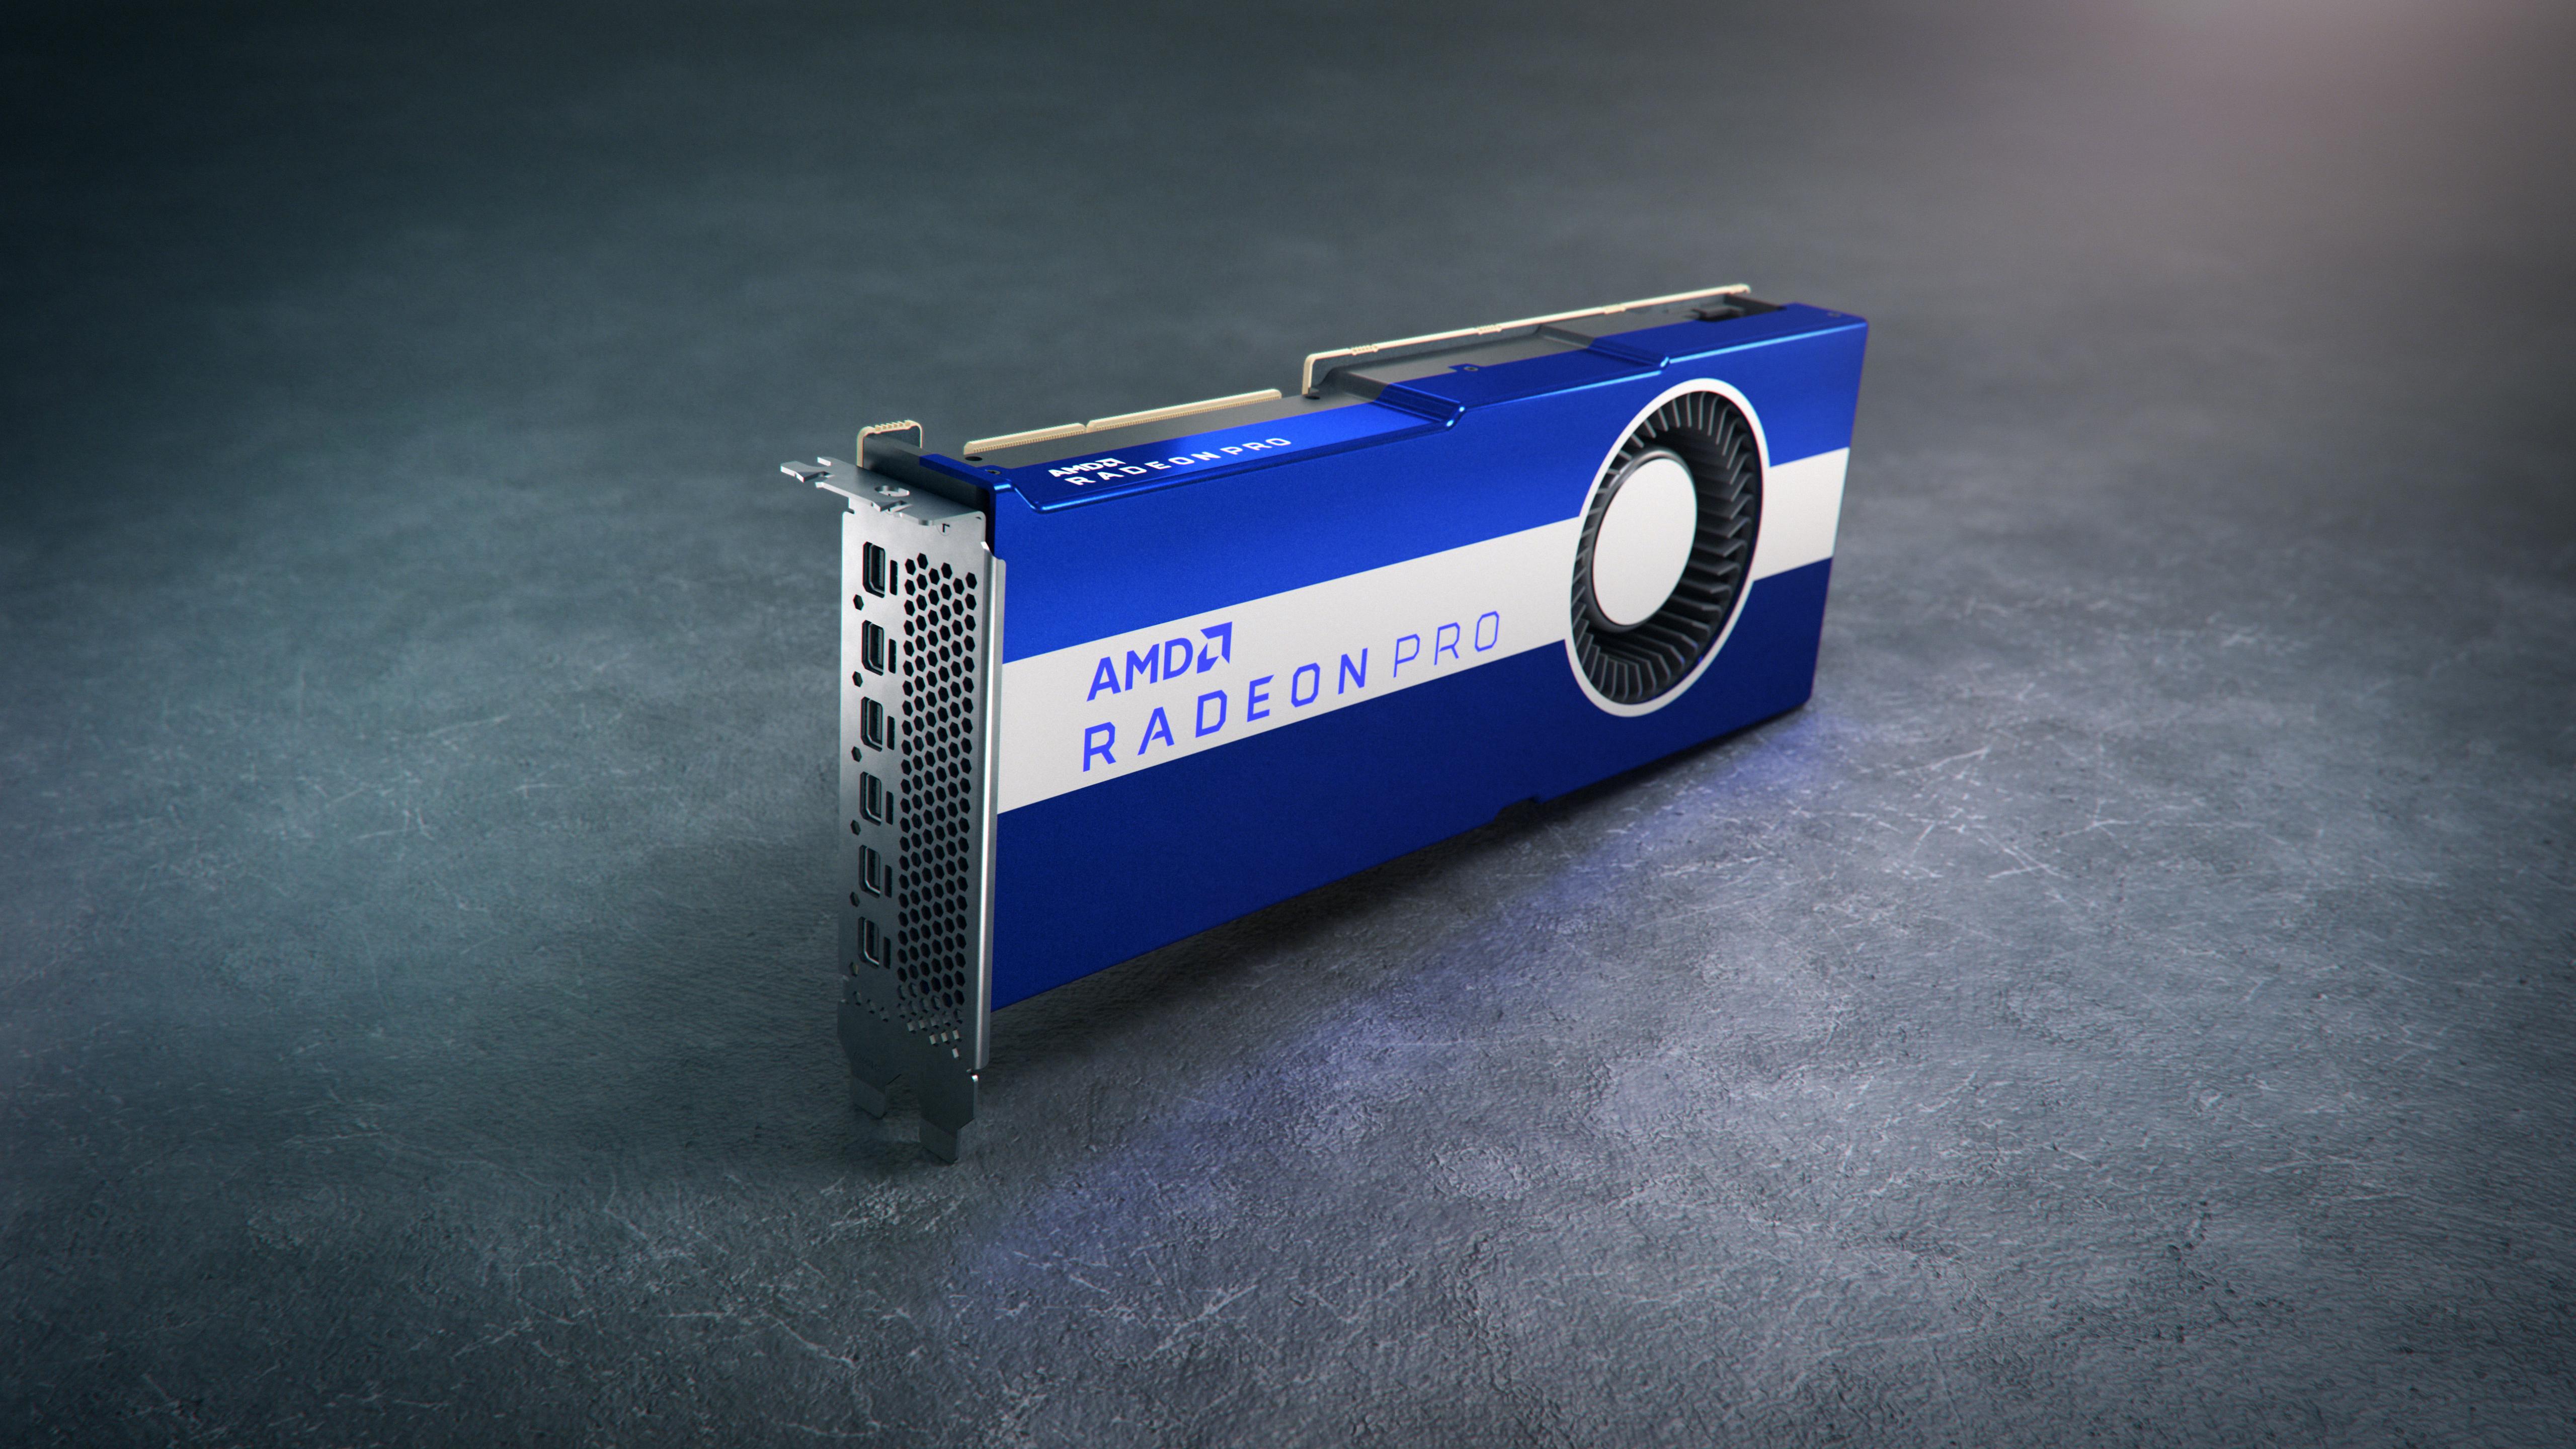 AMD Radeon Pro VII - AMD:s försök att klå Nvidia